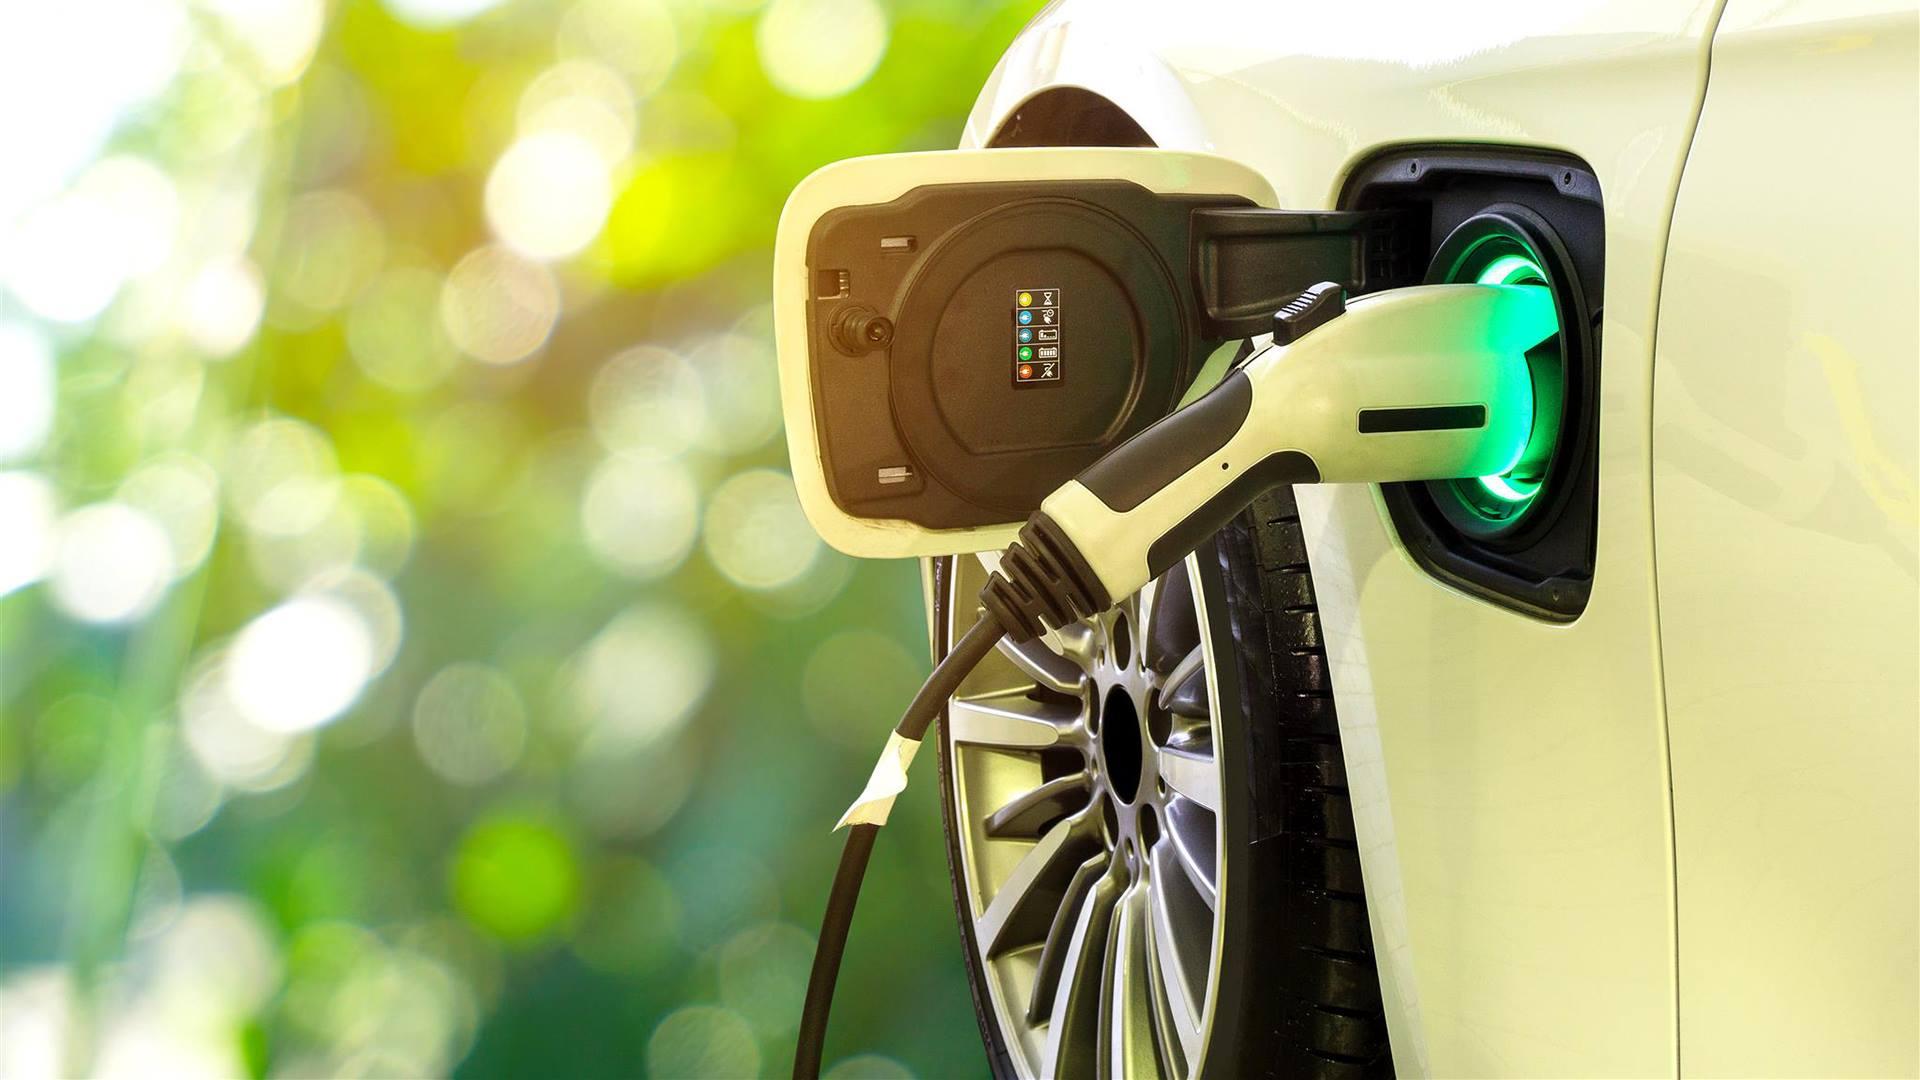 Vlaamse auto-industrie klaar voor omslag naar elektrisch rijden